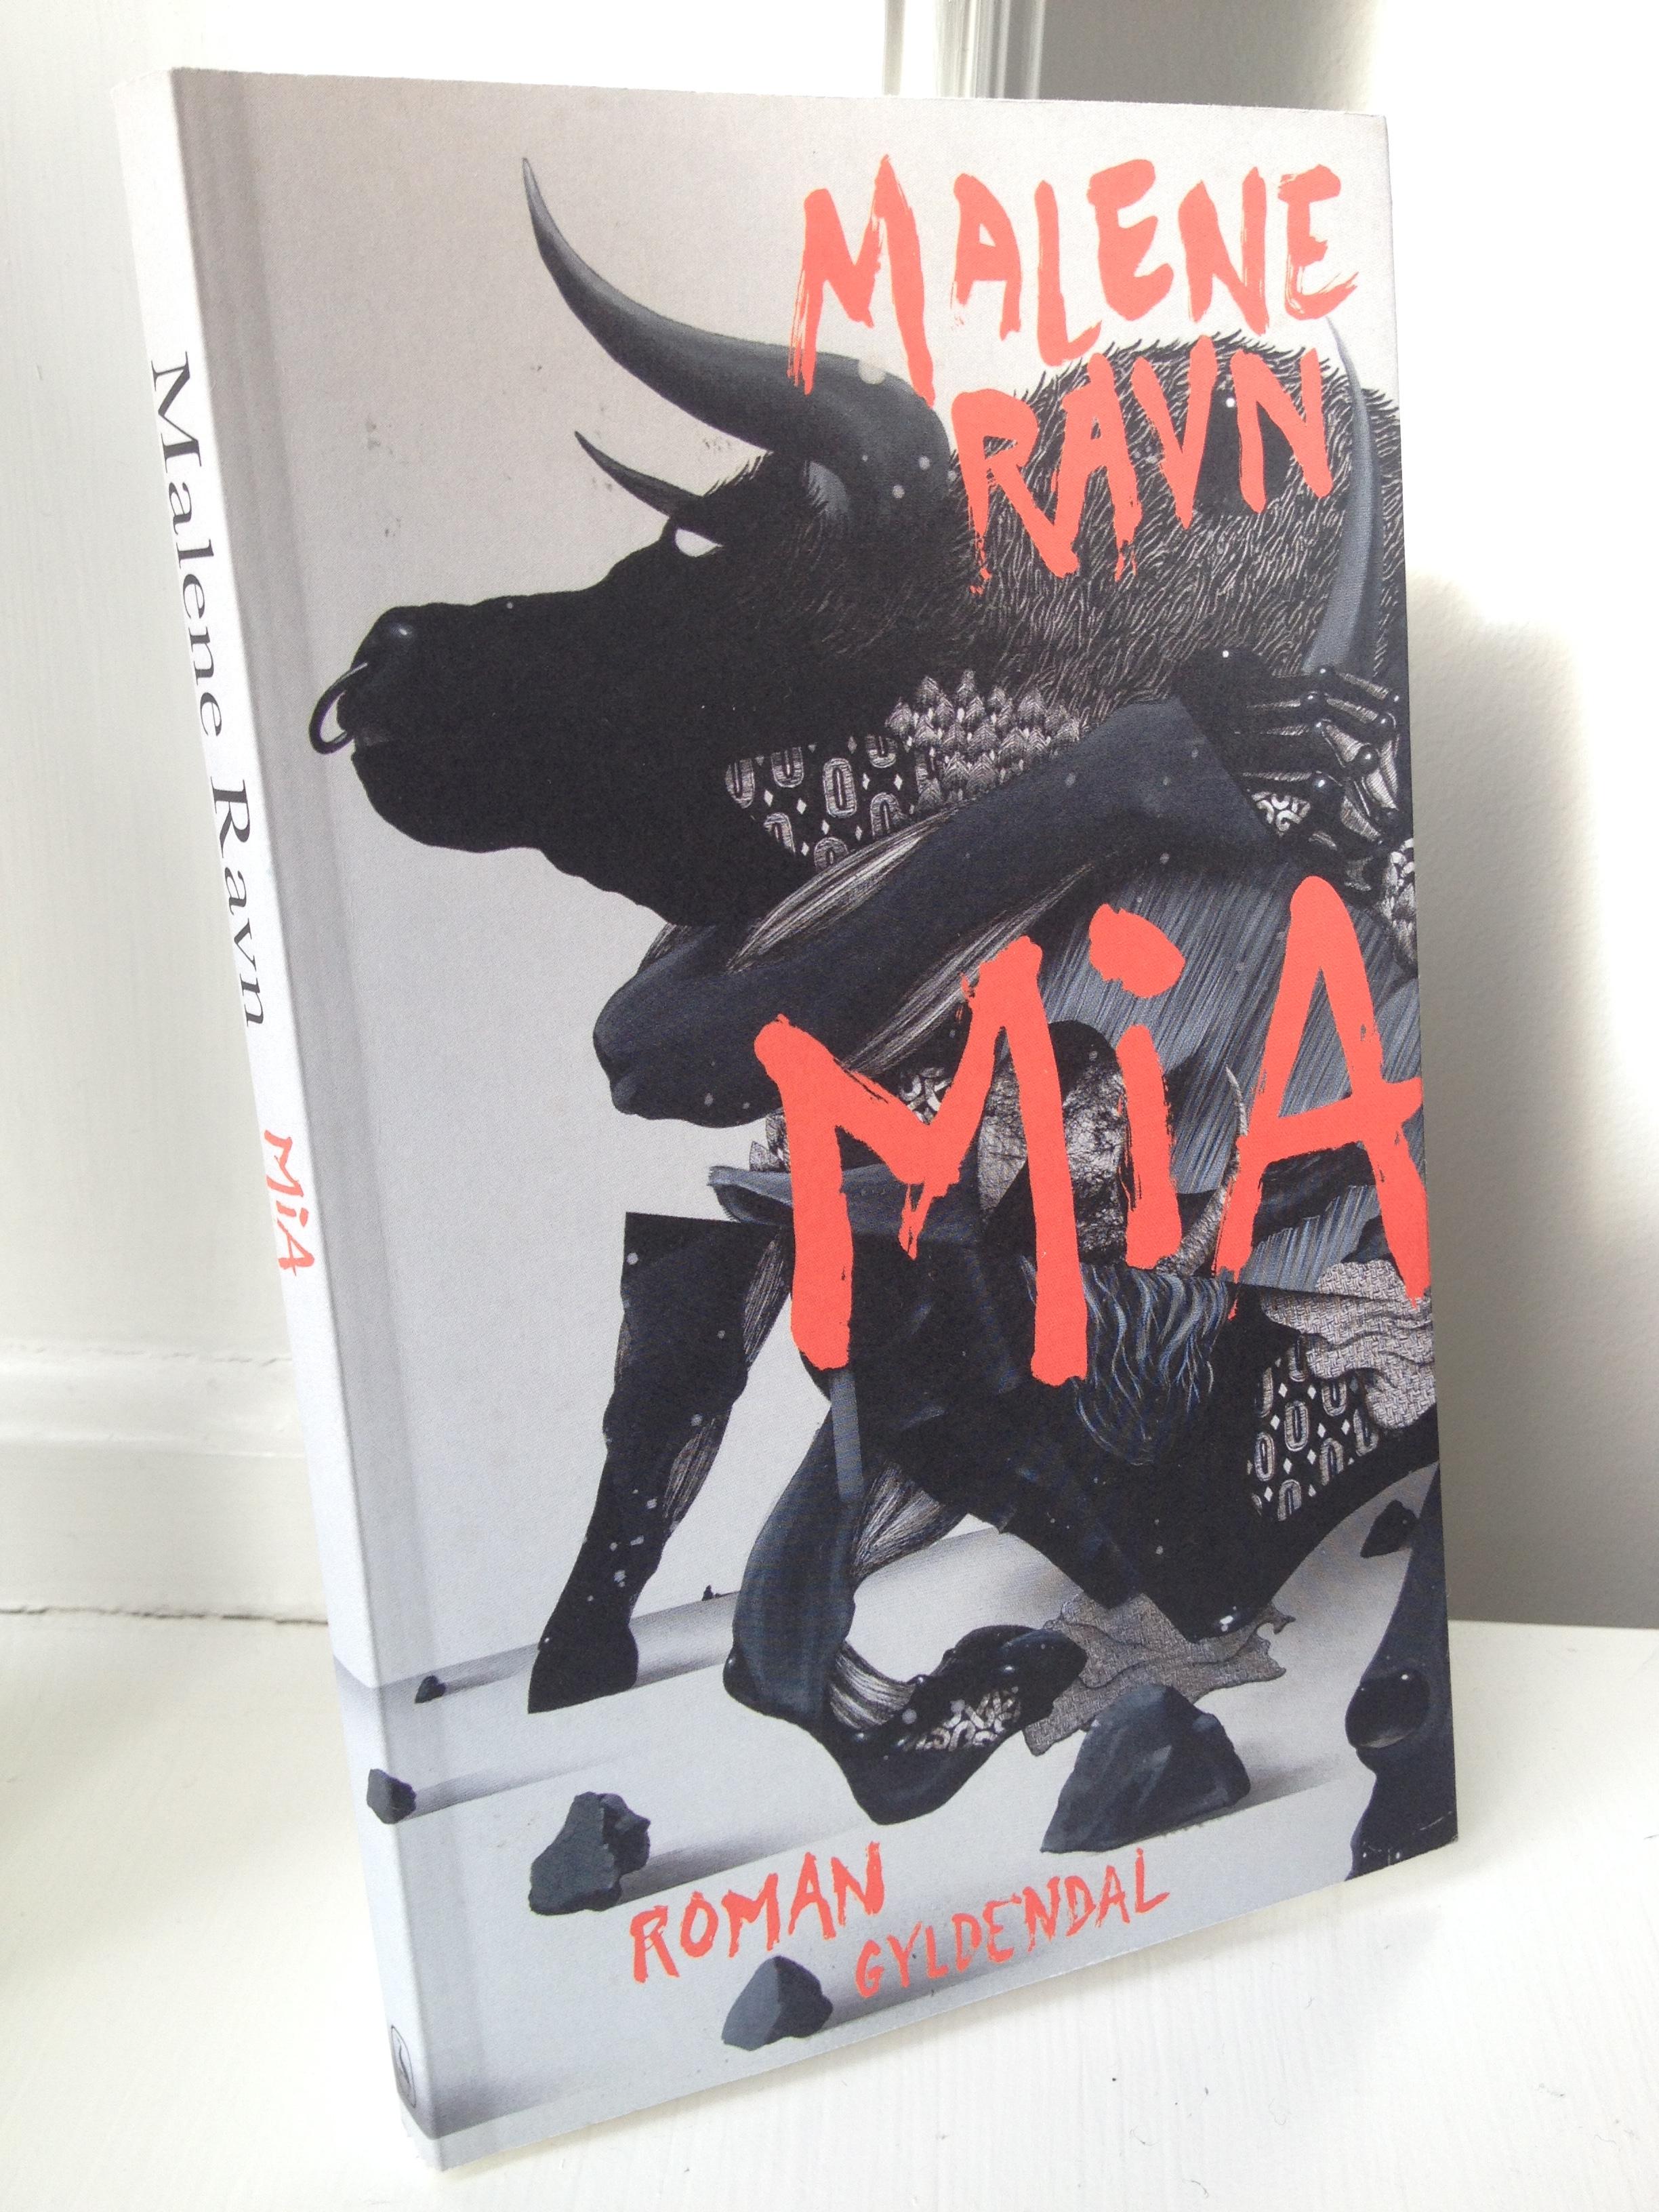 Malene Ravn roman Mia